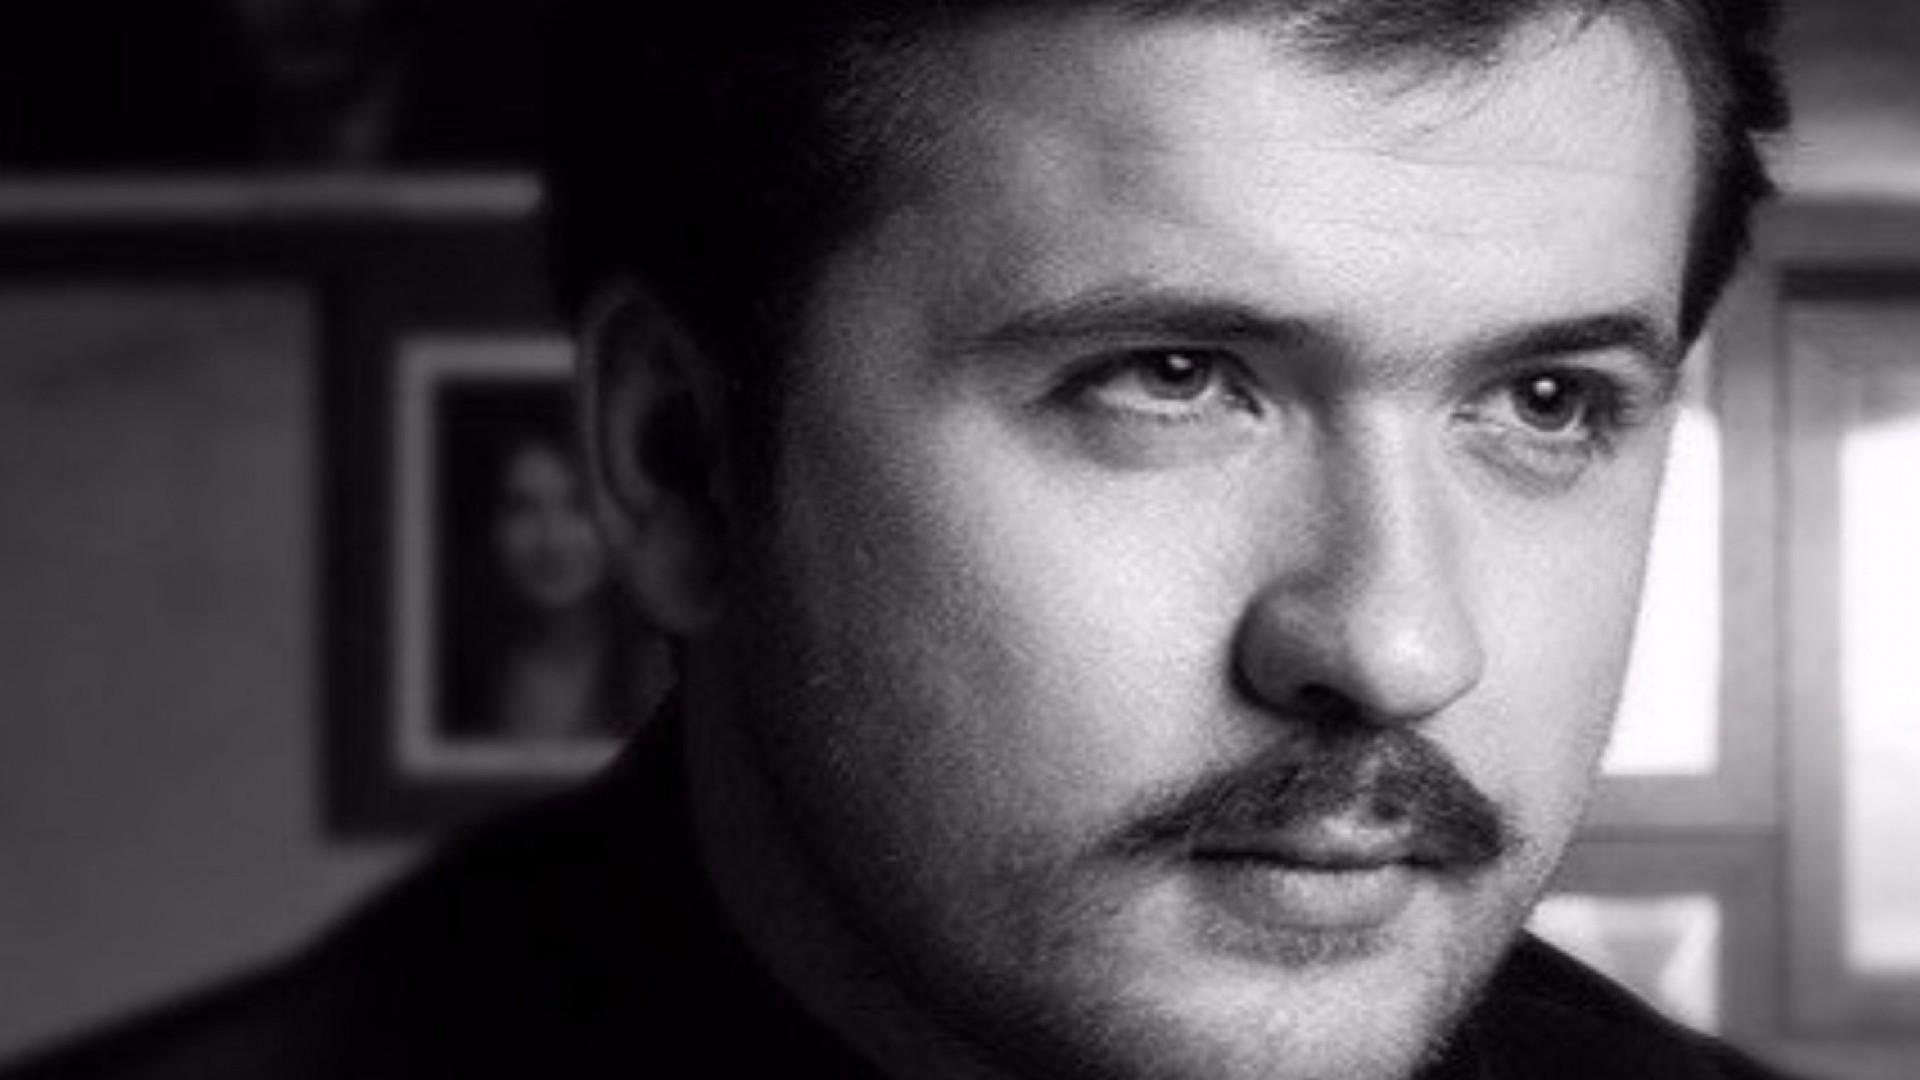 Артем Свиряков: «Для меня90е—одна большая барахолка…»